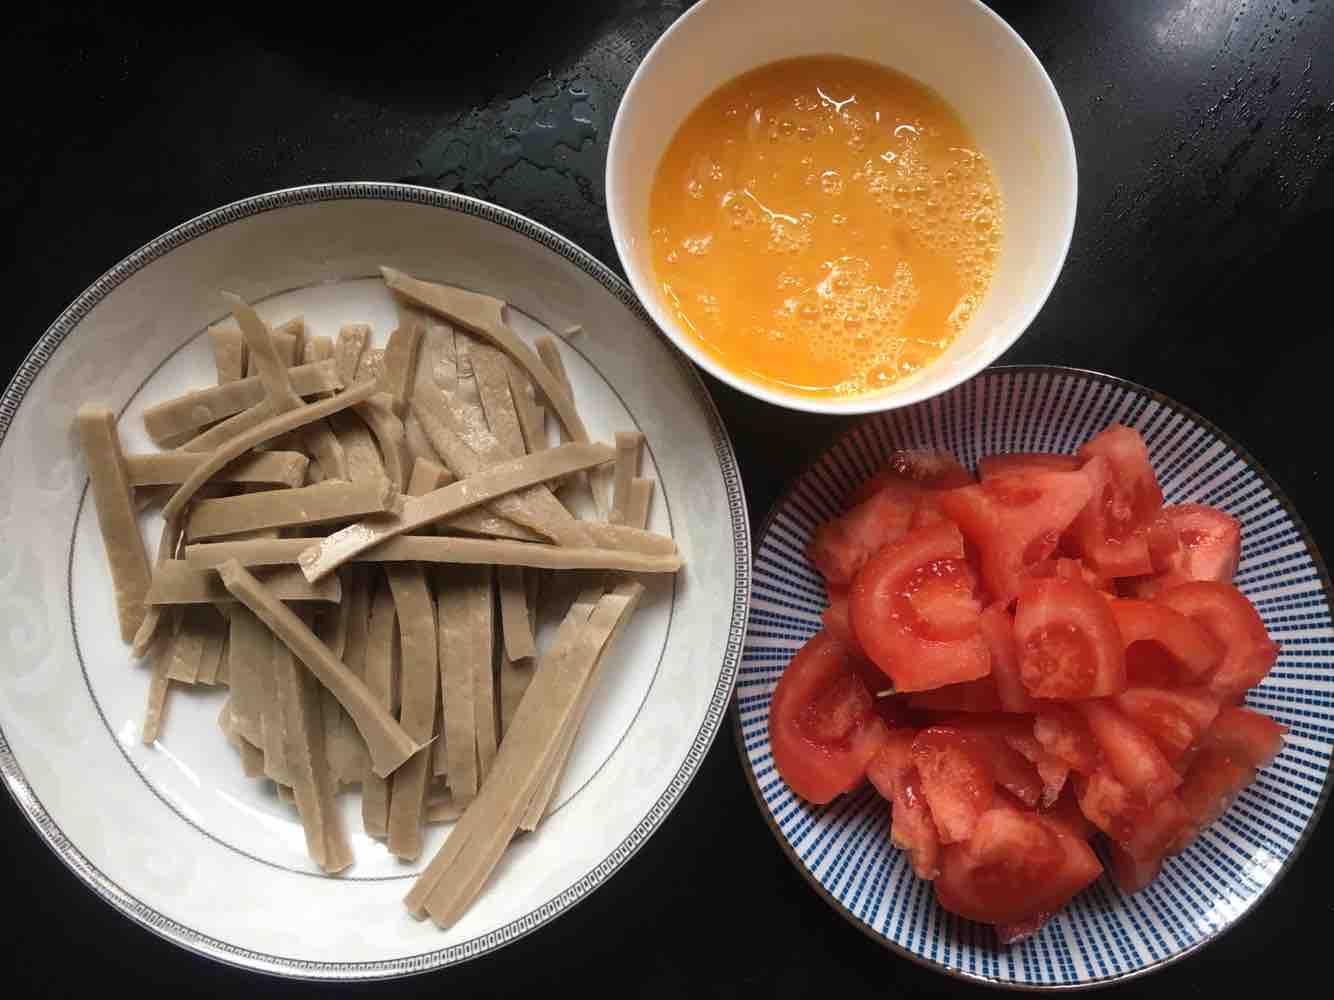 番茄鸡蛋炒筱面怎么吃